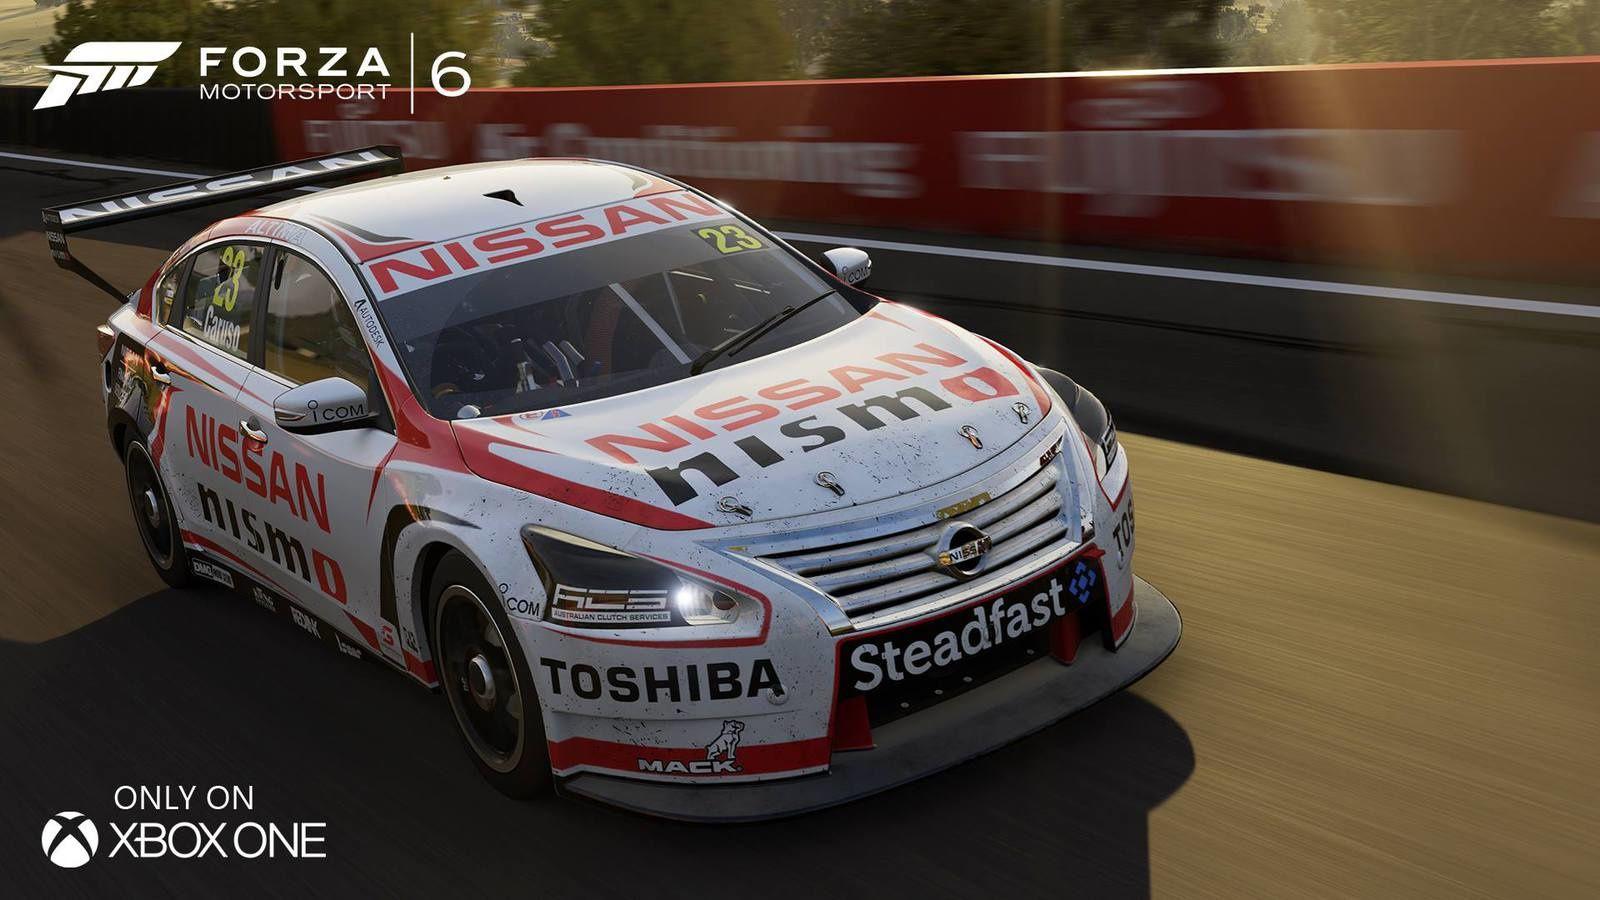 Forza Motorsport 6 - Le V8 Supercar 2015 présenté.